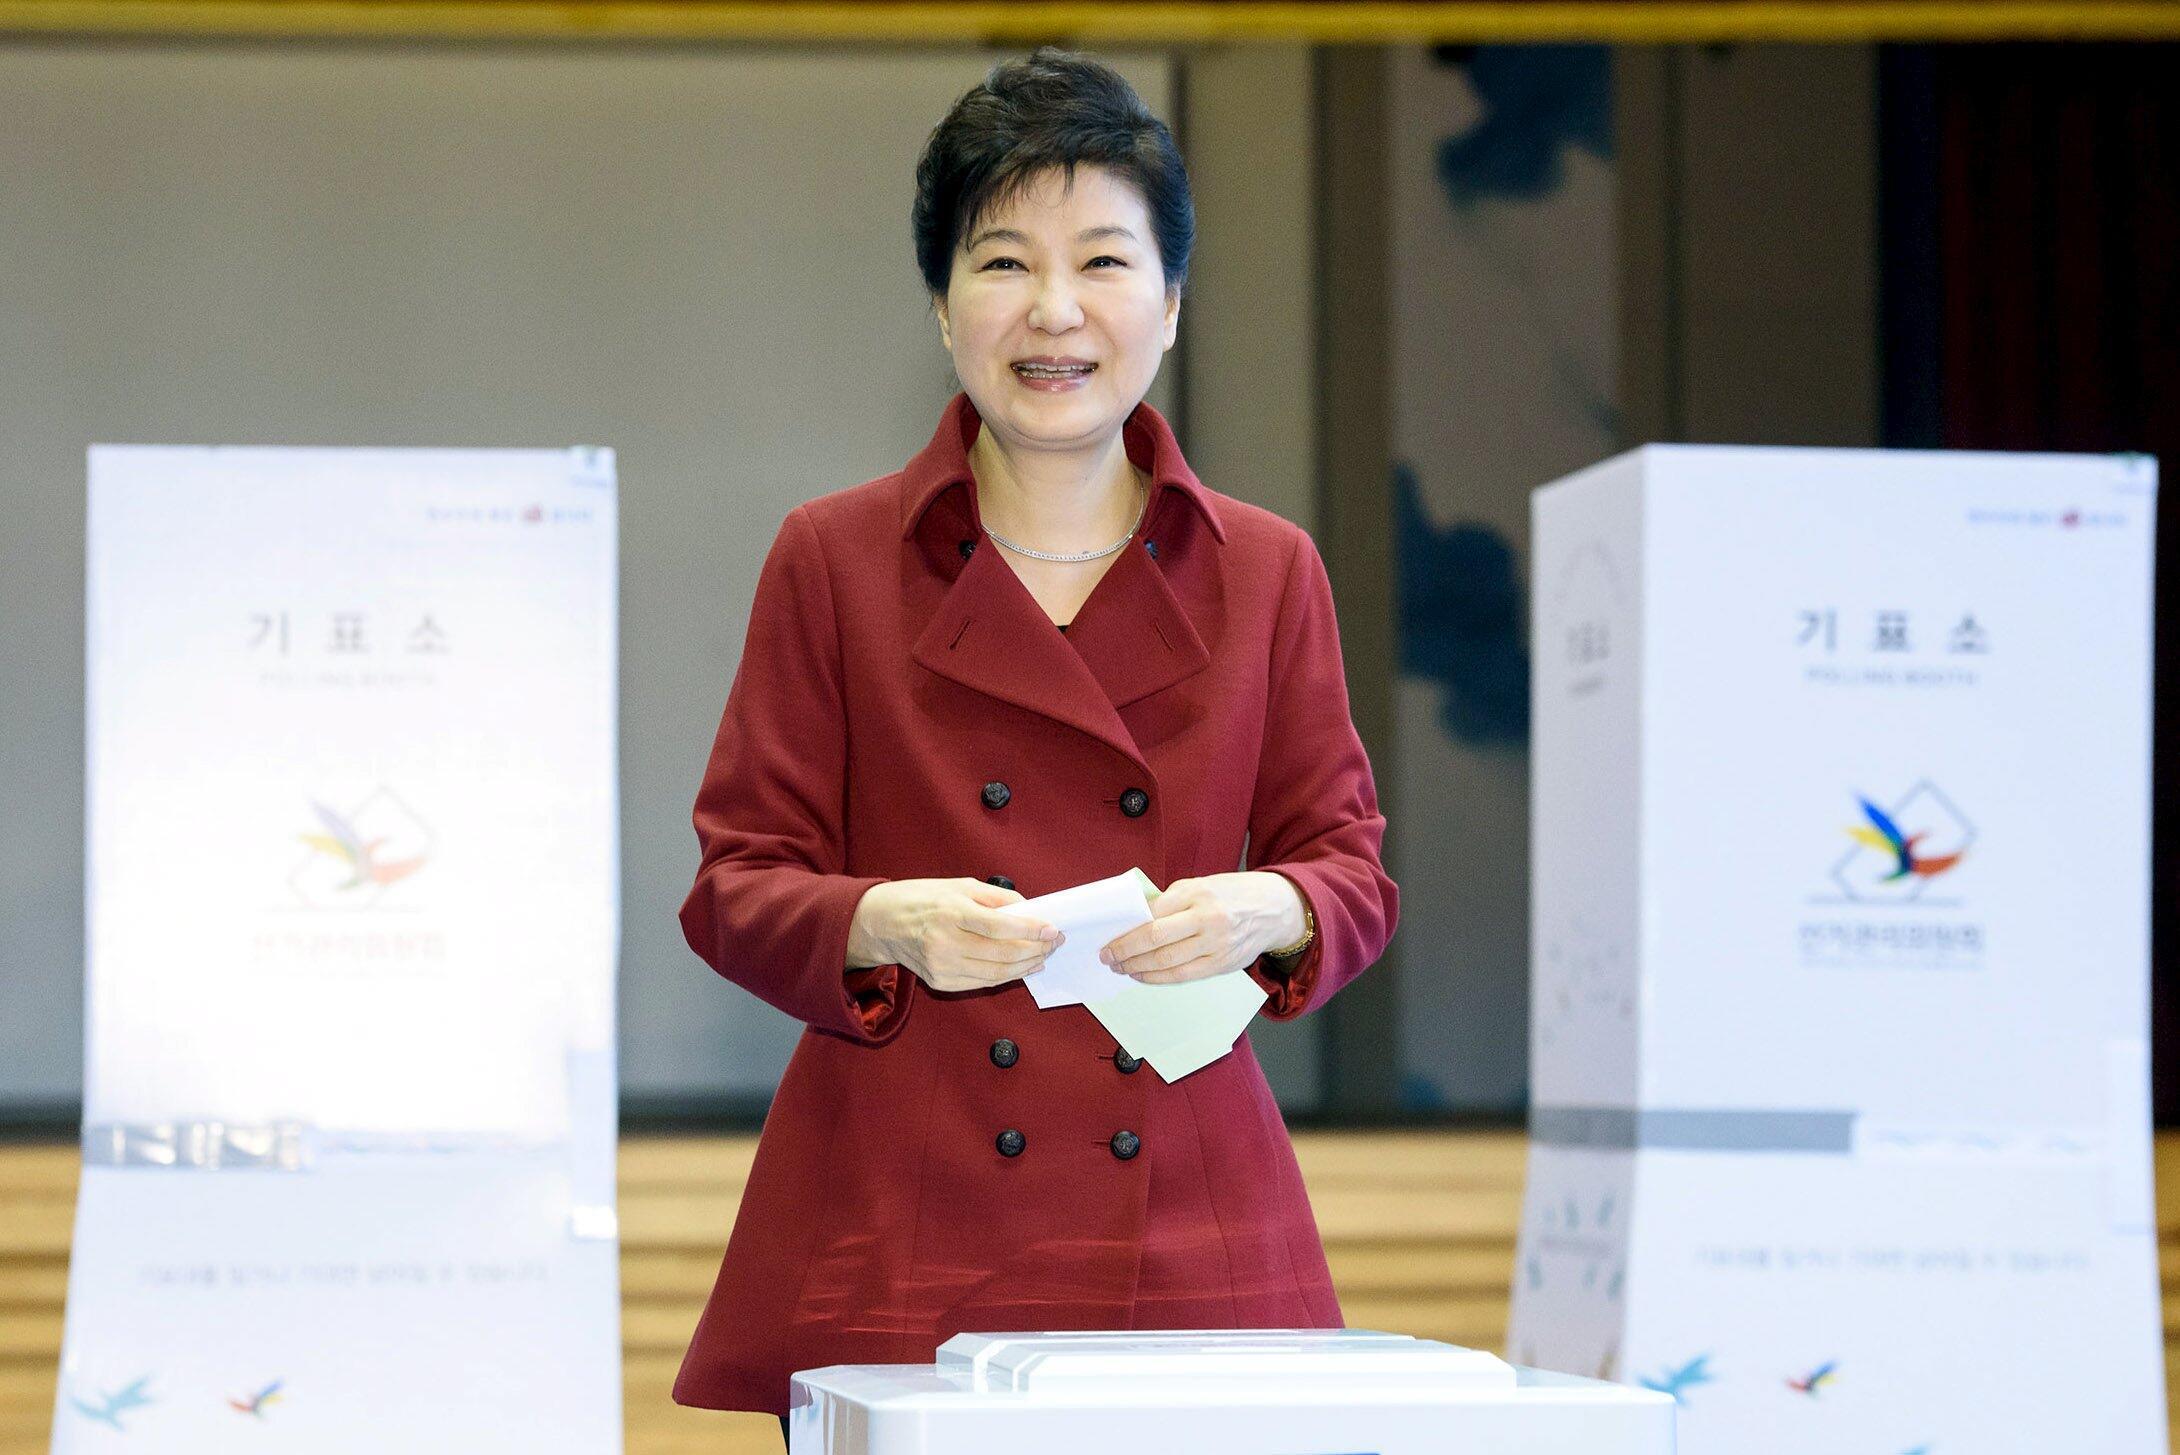 លោកស្រីប្រធានាធិបតីកូរ៉េខាងត្បូង Park Geun-hye បោះឆ្នោតនៅក្រុងសេអ៊ូល